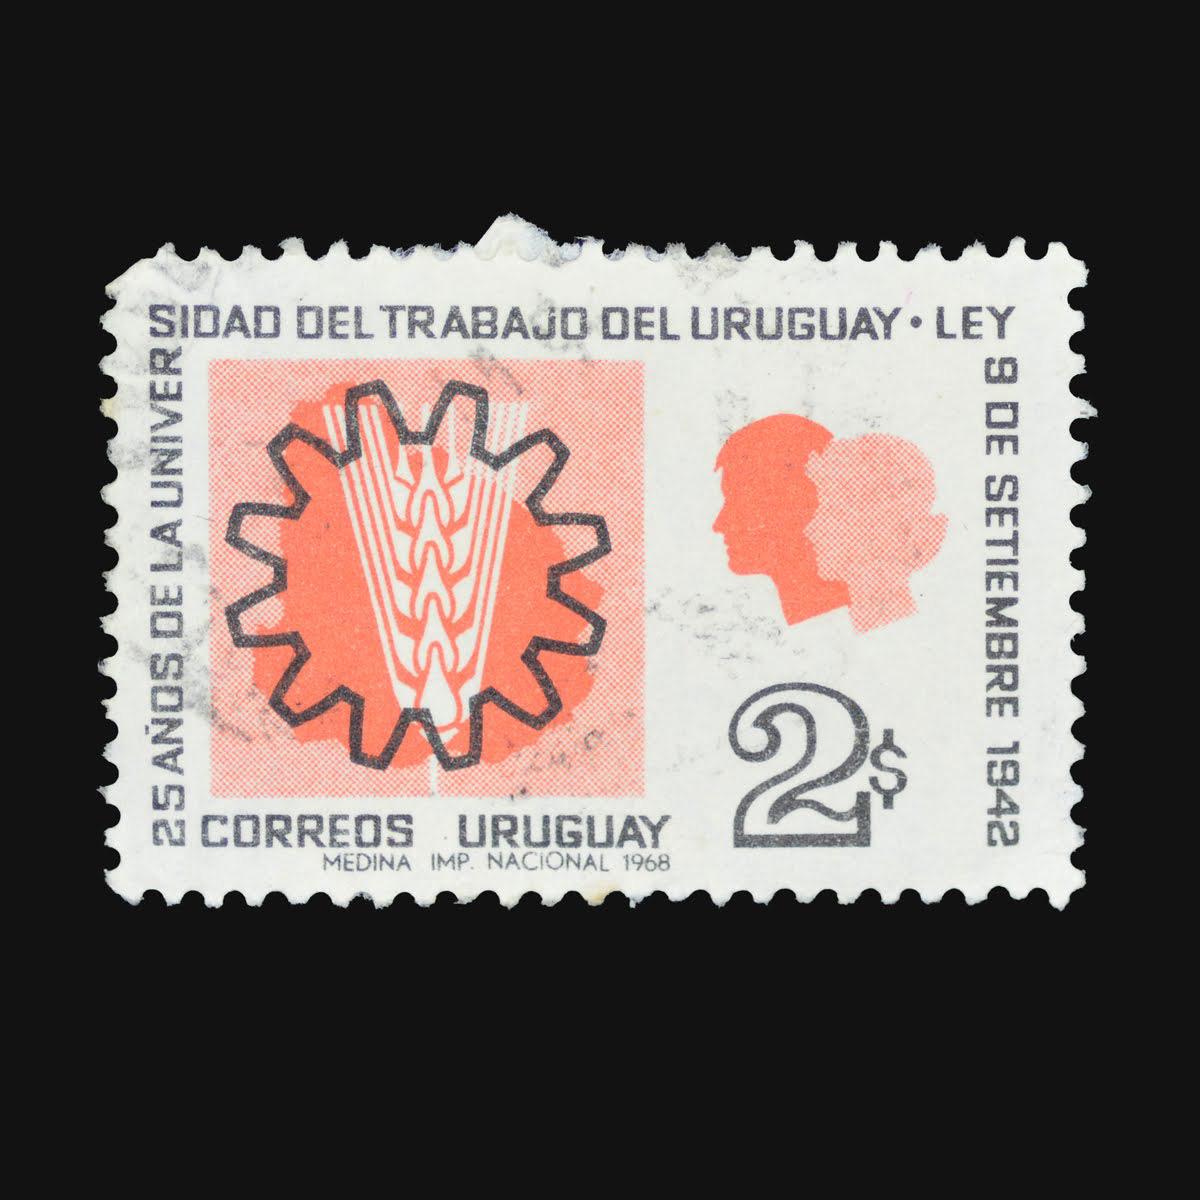 Slanted-1200px-25-años-de-la-Universidad-de-Trabajo-✺-25-Years-of-the-Trade-School-✺-Ángel-Medina-✺-$2-✺-1968